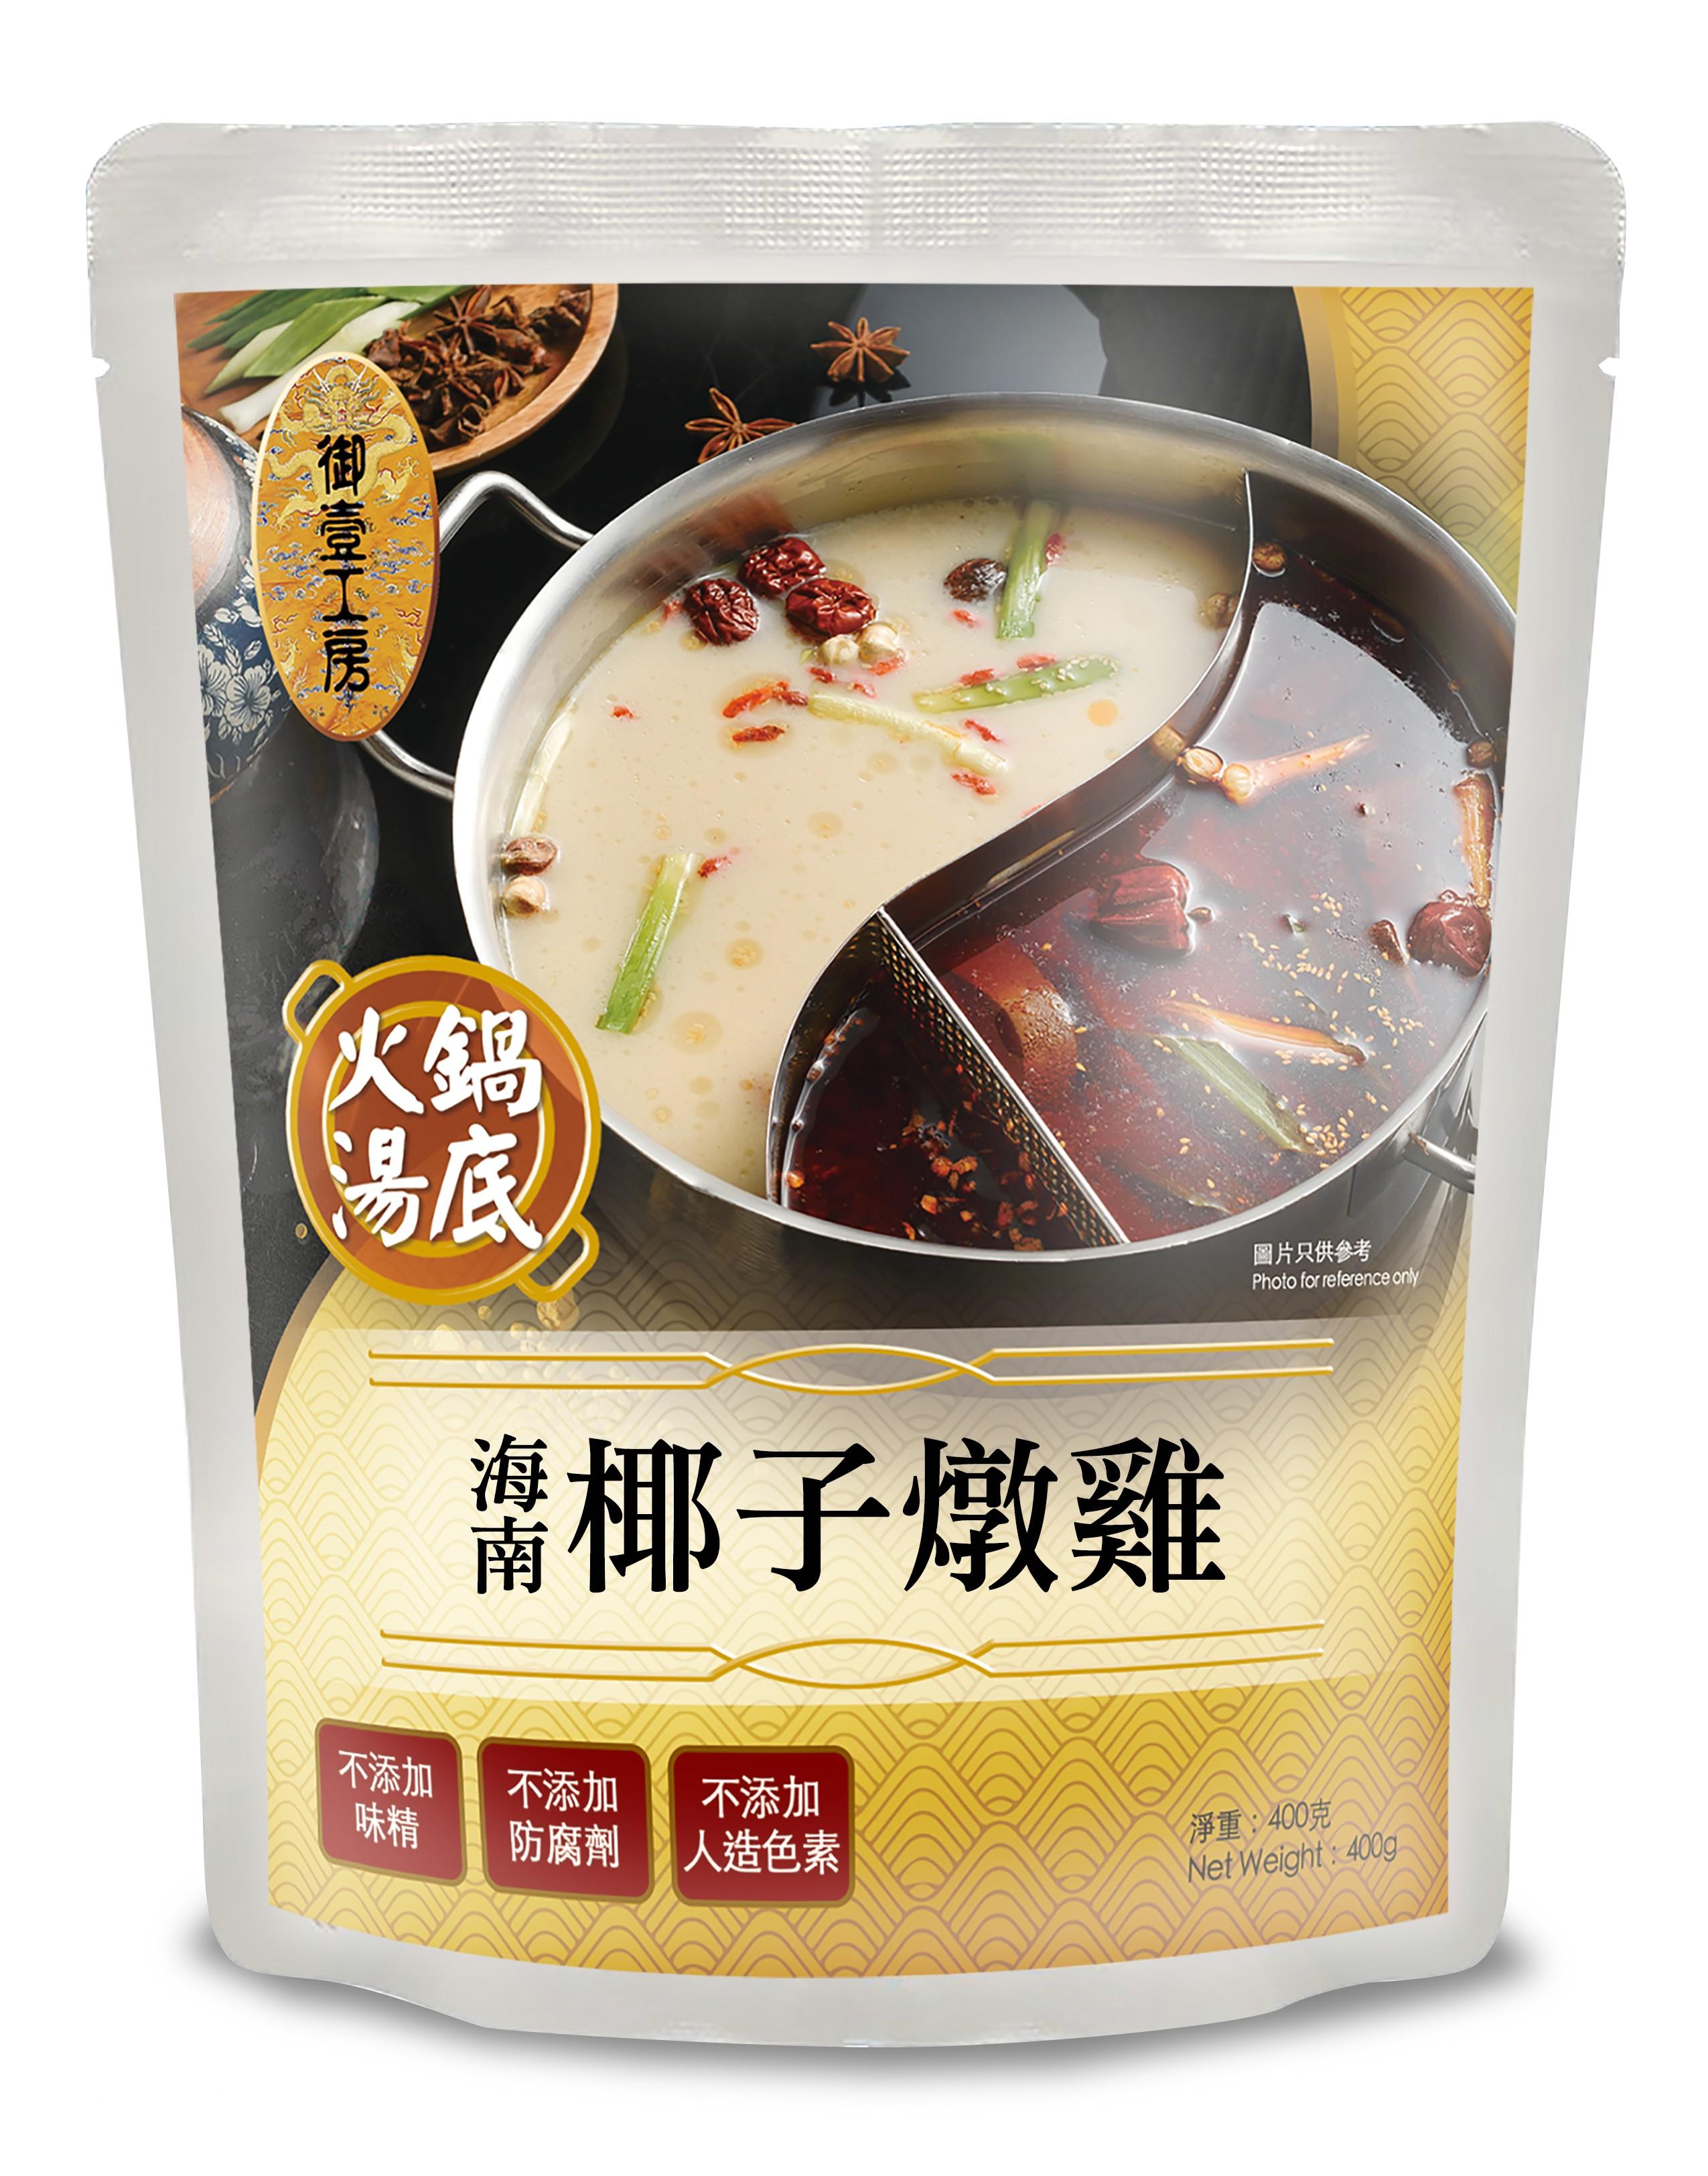 椰子燉雞火鍋湯底